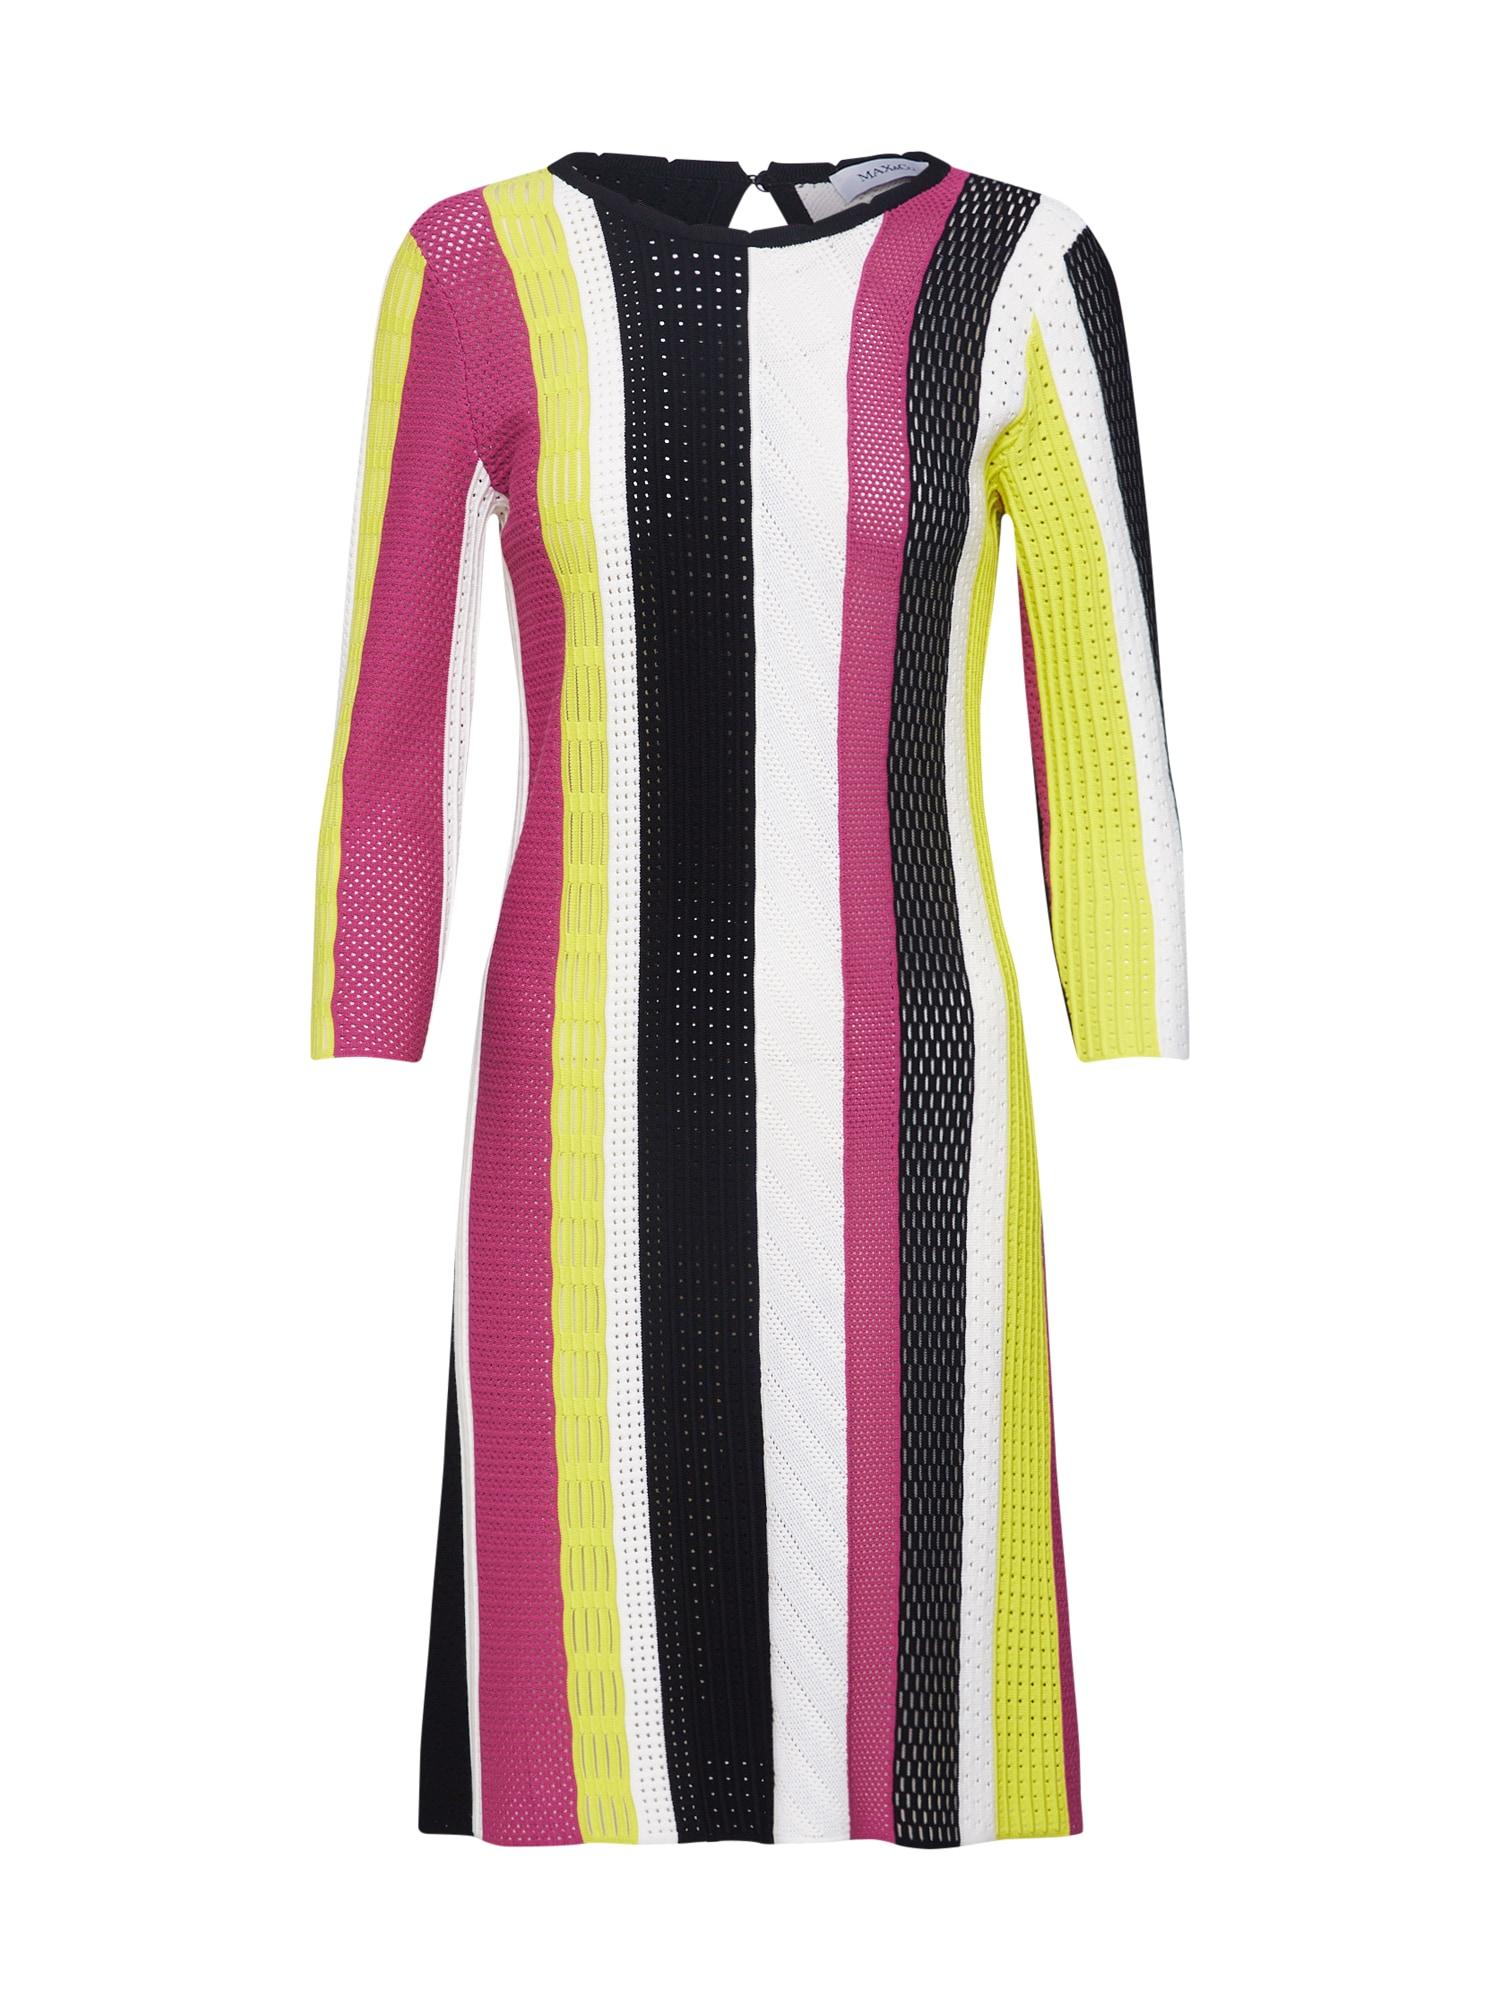 Úpletové šaty CUBA mix barev MAX&Co.